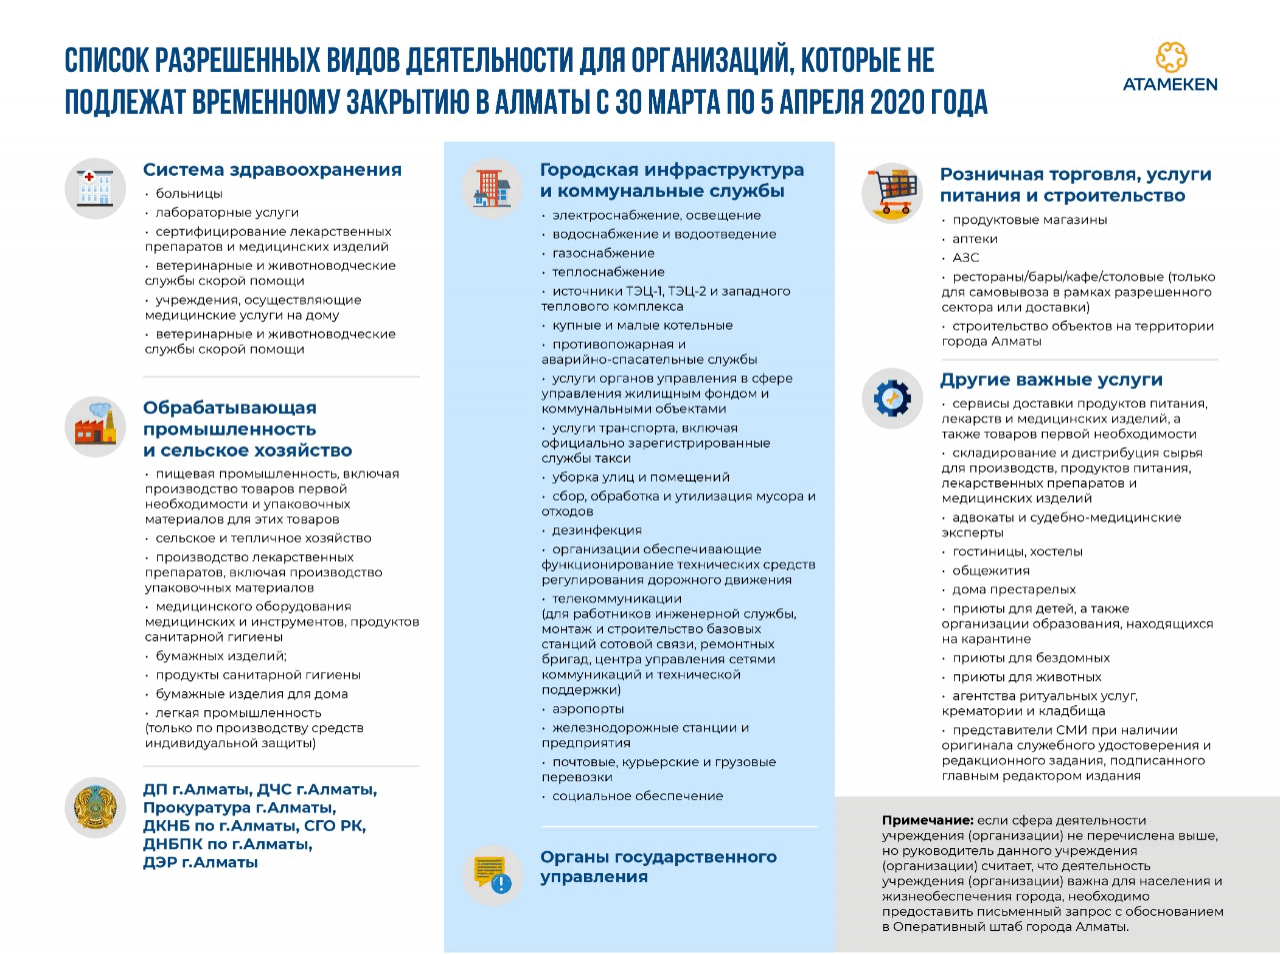 список организаций и видов деятельности разрешённых в Алматы на период карантина